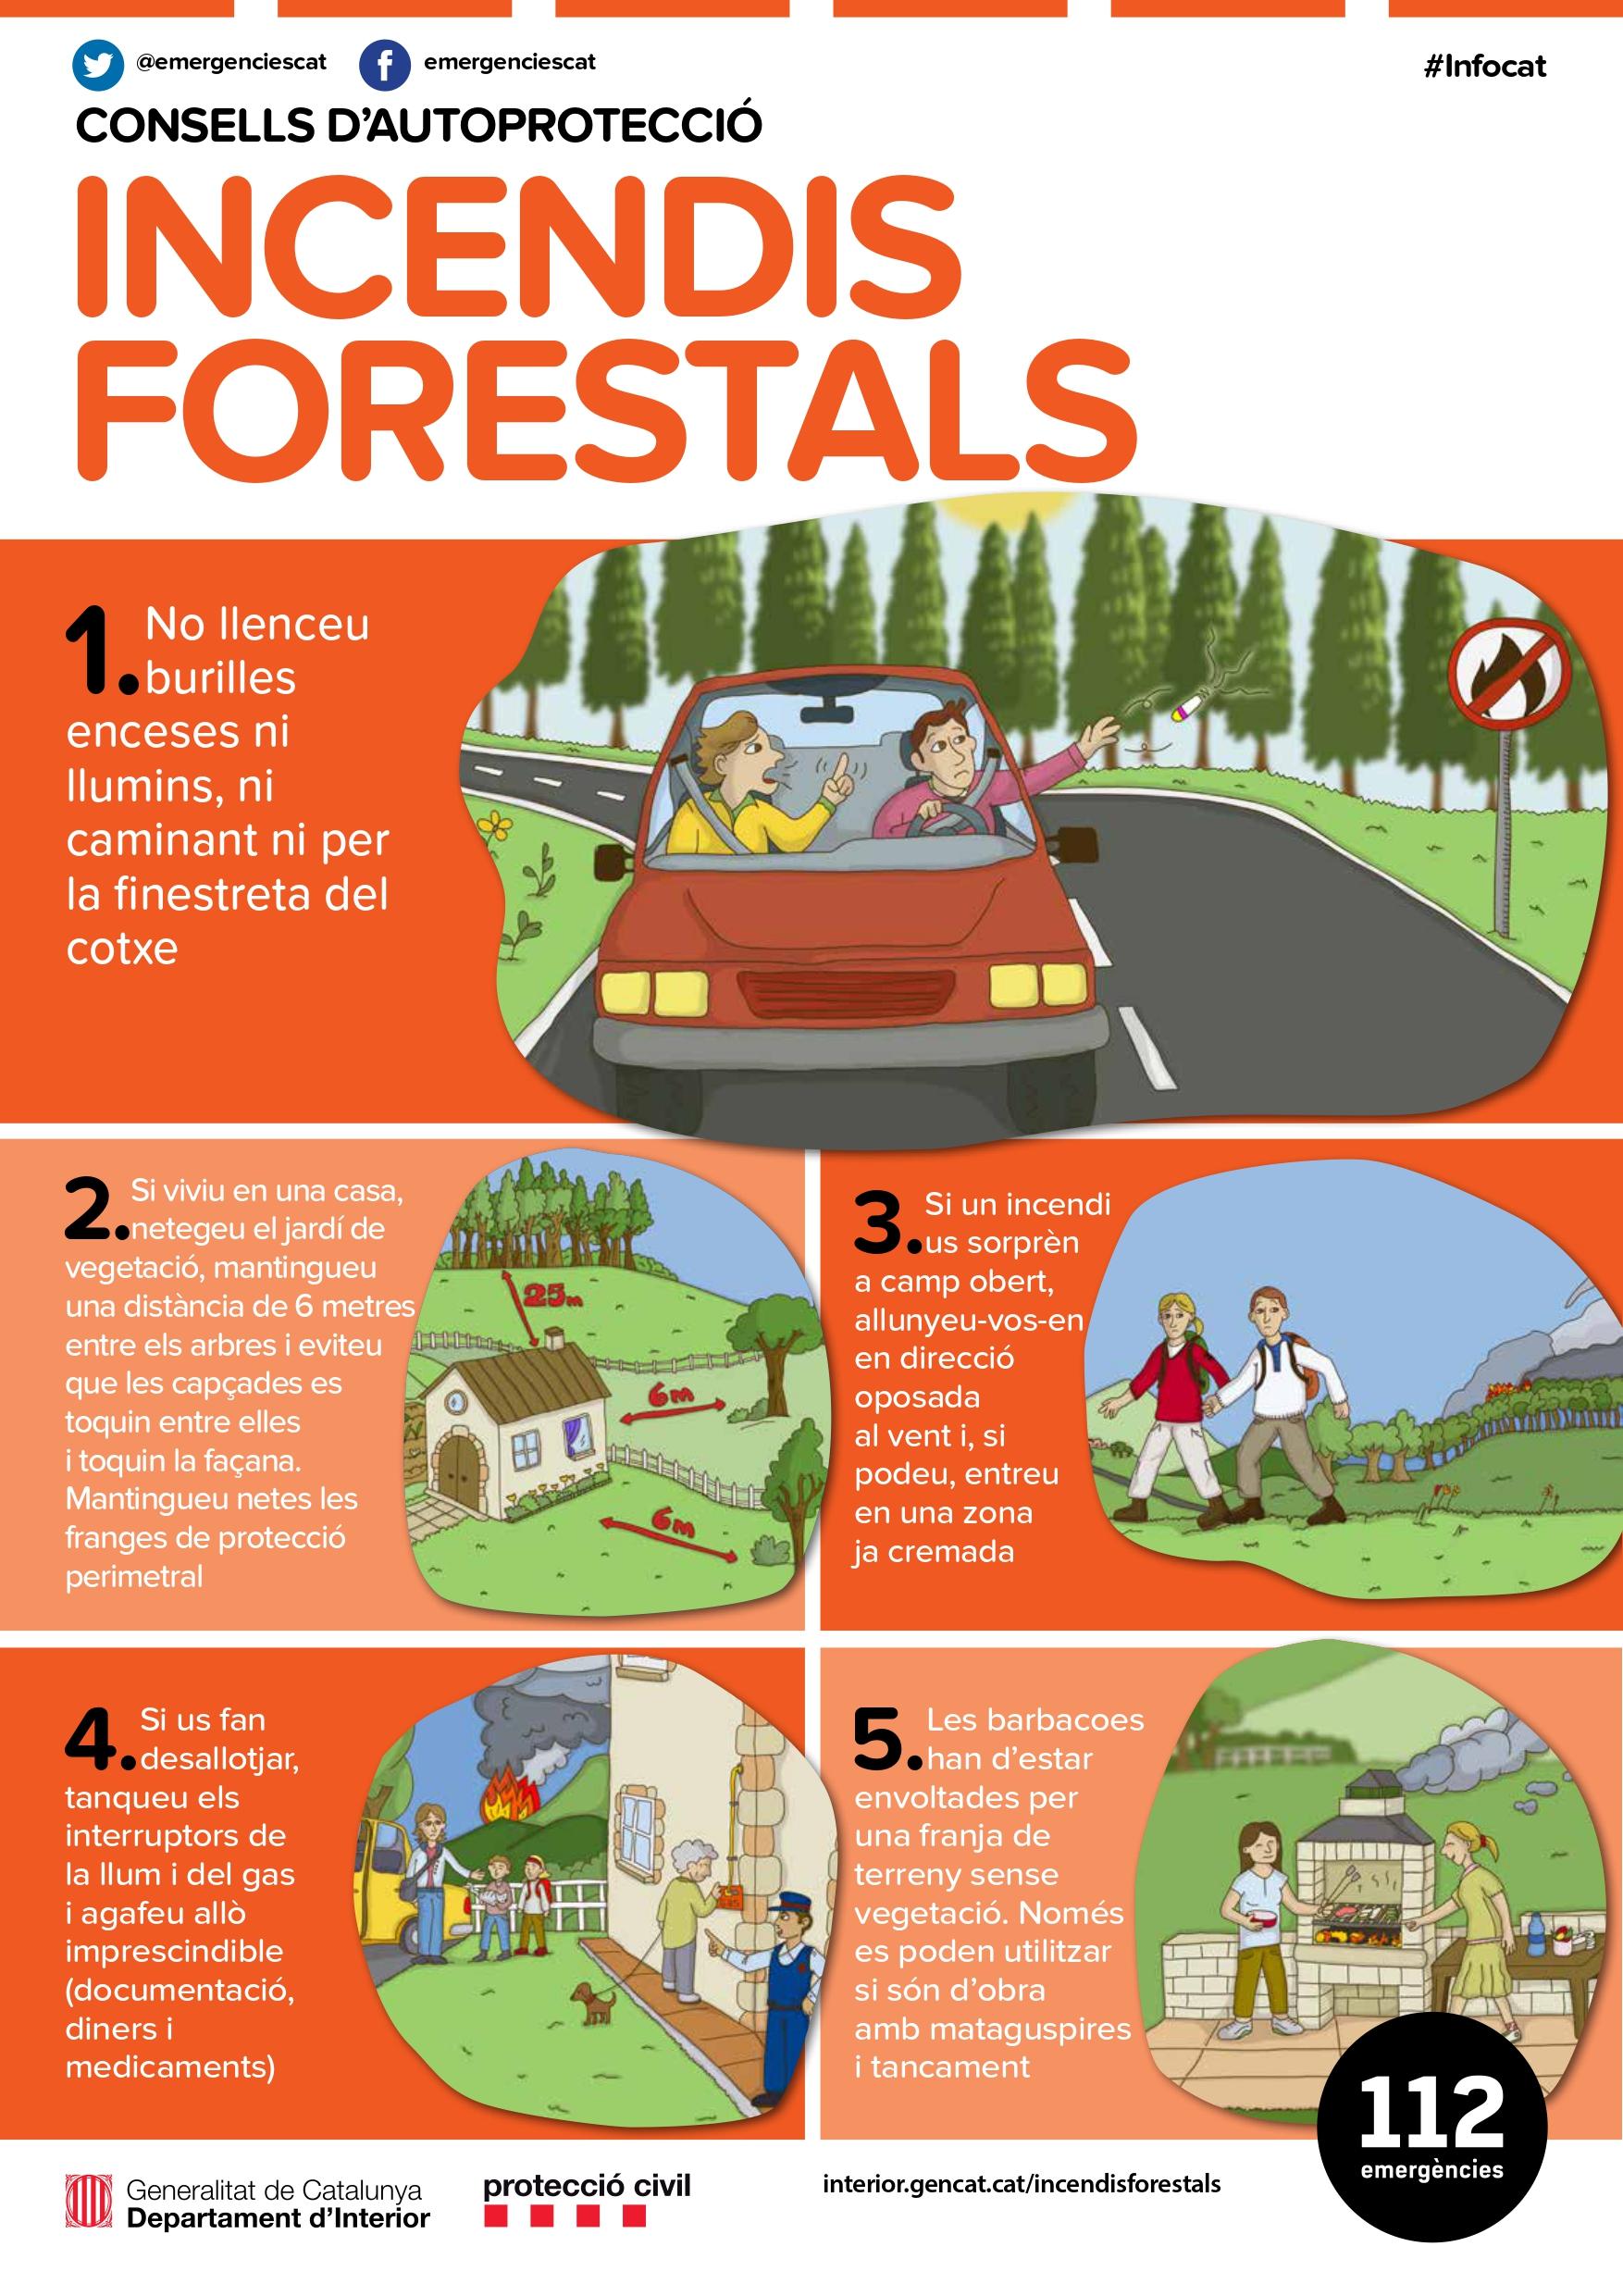 Informació sobre la prevenció d'incendis i la prohibició de fer foc en terrenys forestals